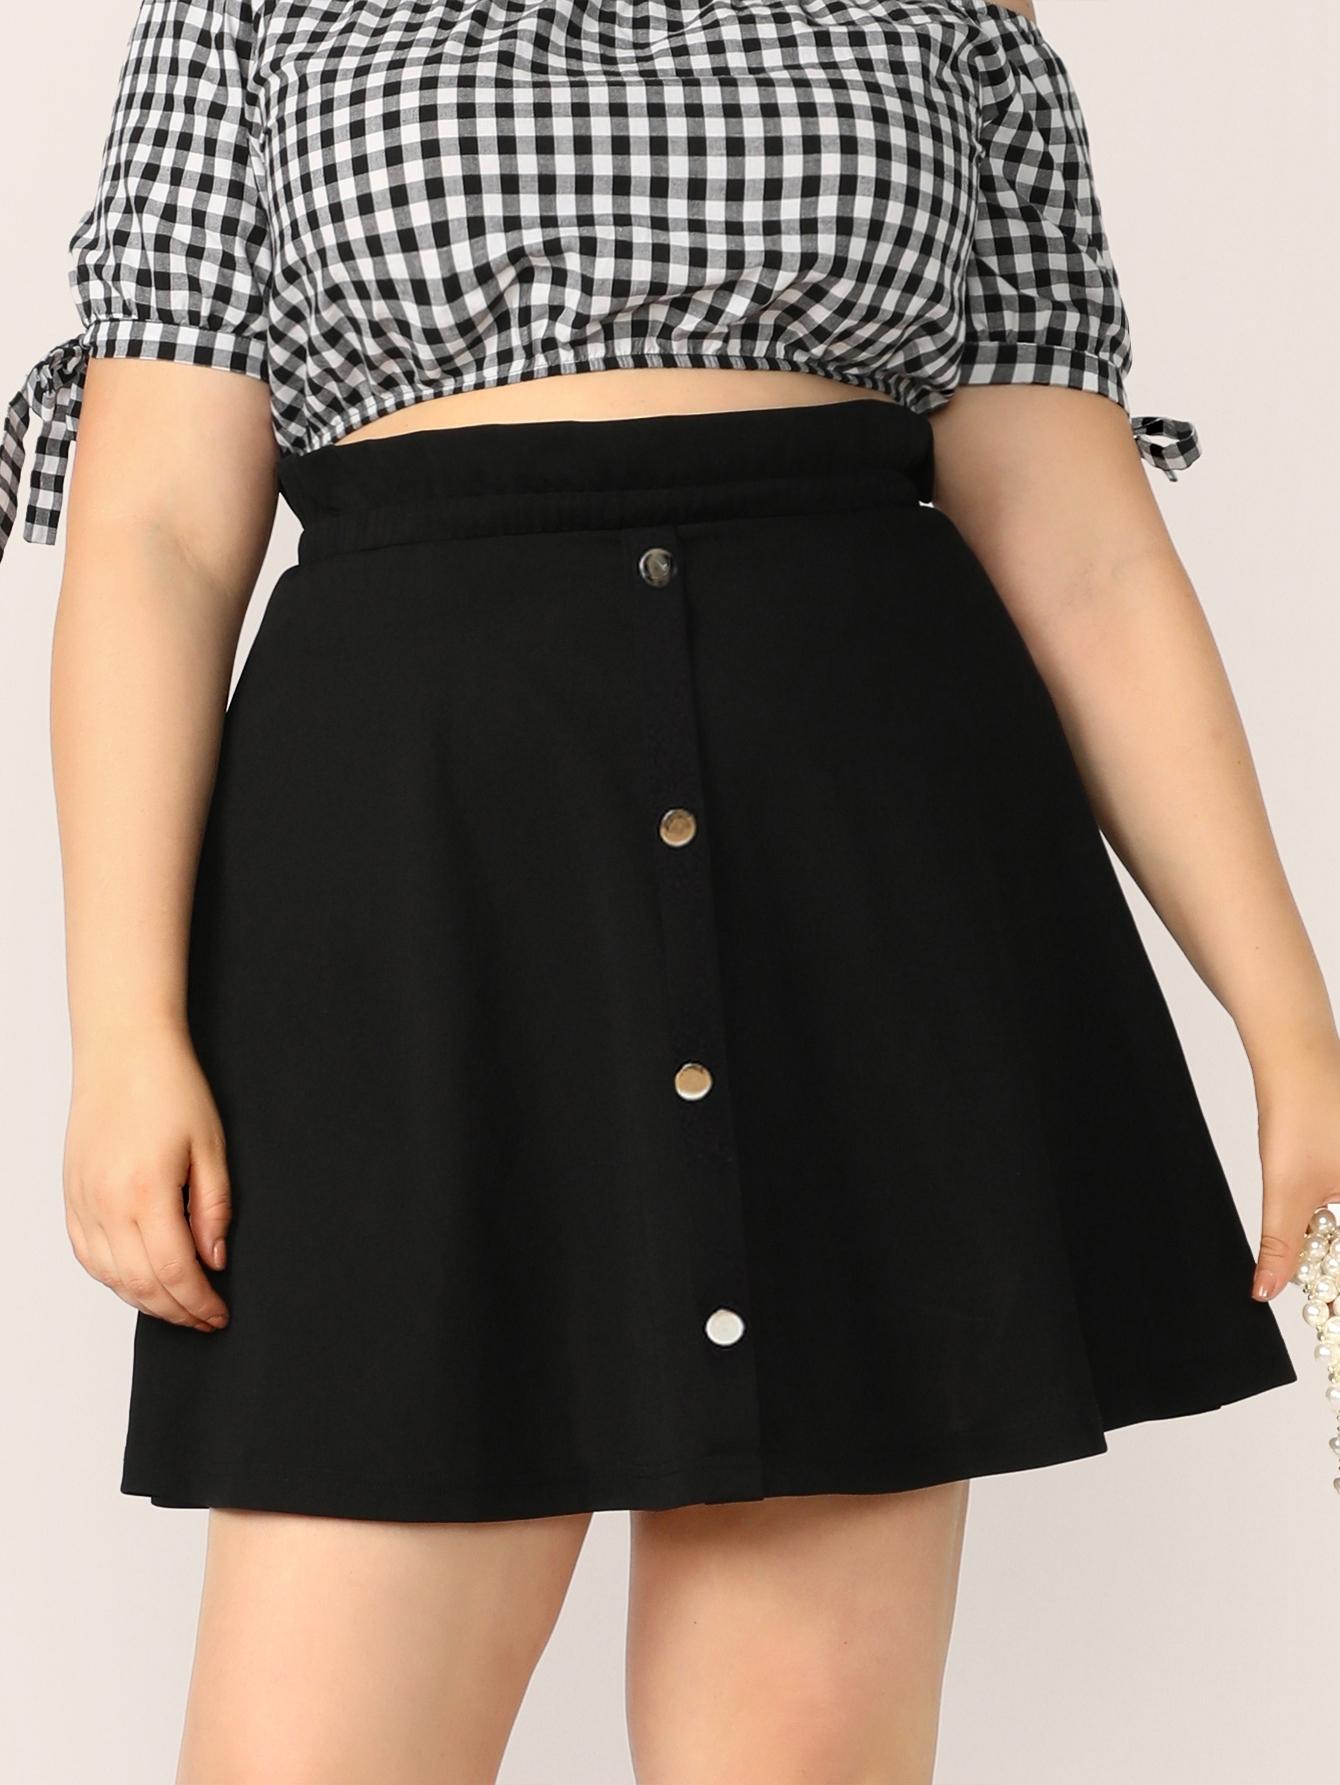 Фото - Размер плюс юбка на пуговицах с присборенной талией от SheIn цвет чёрные